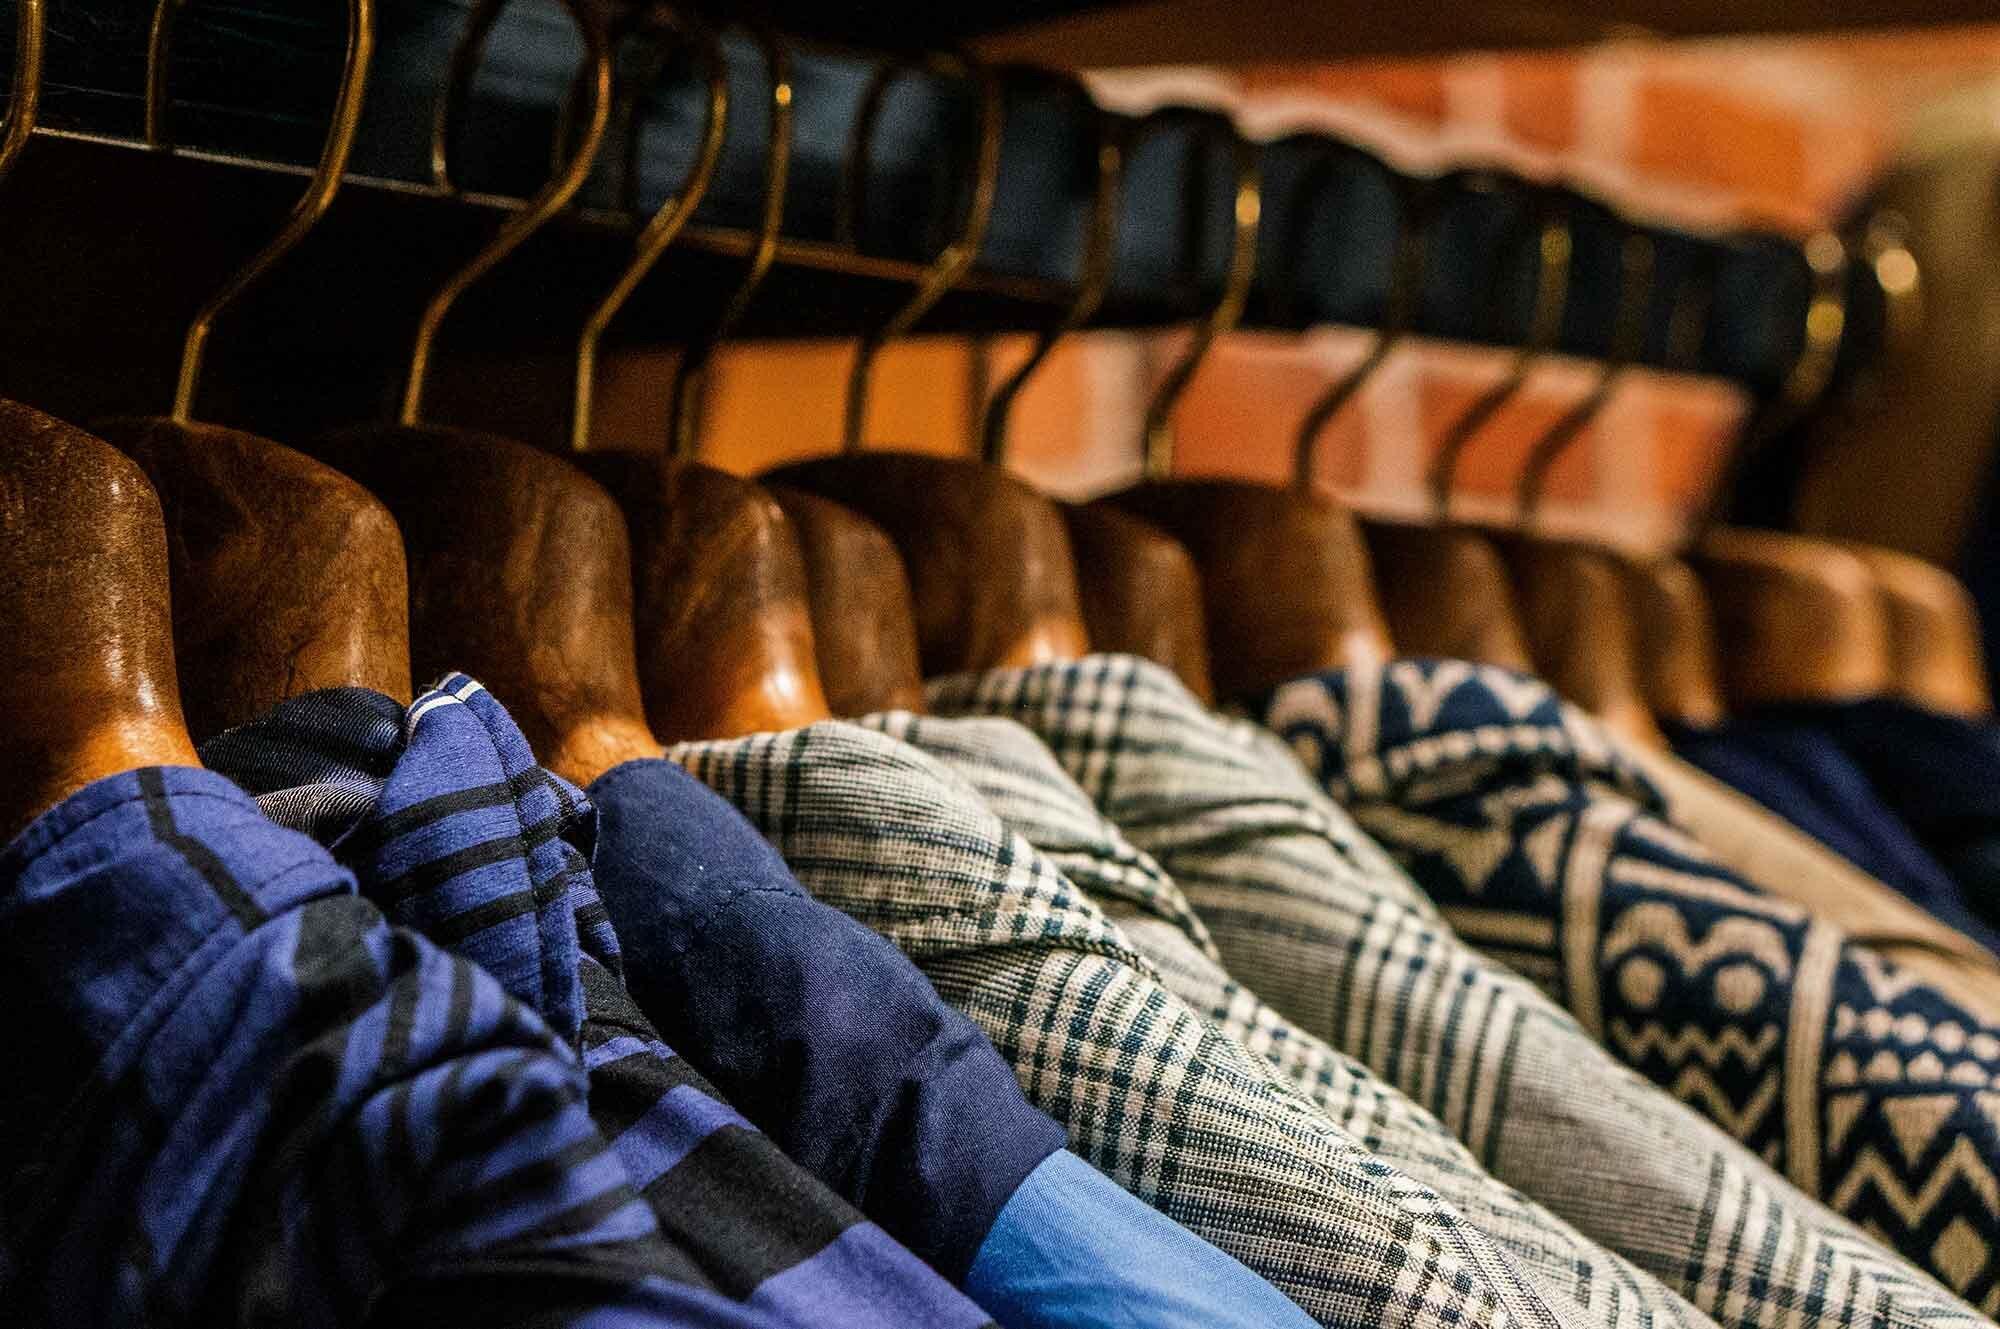 drinkwaters_cambridge_great_mens_clothing_09.jpg